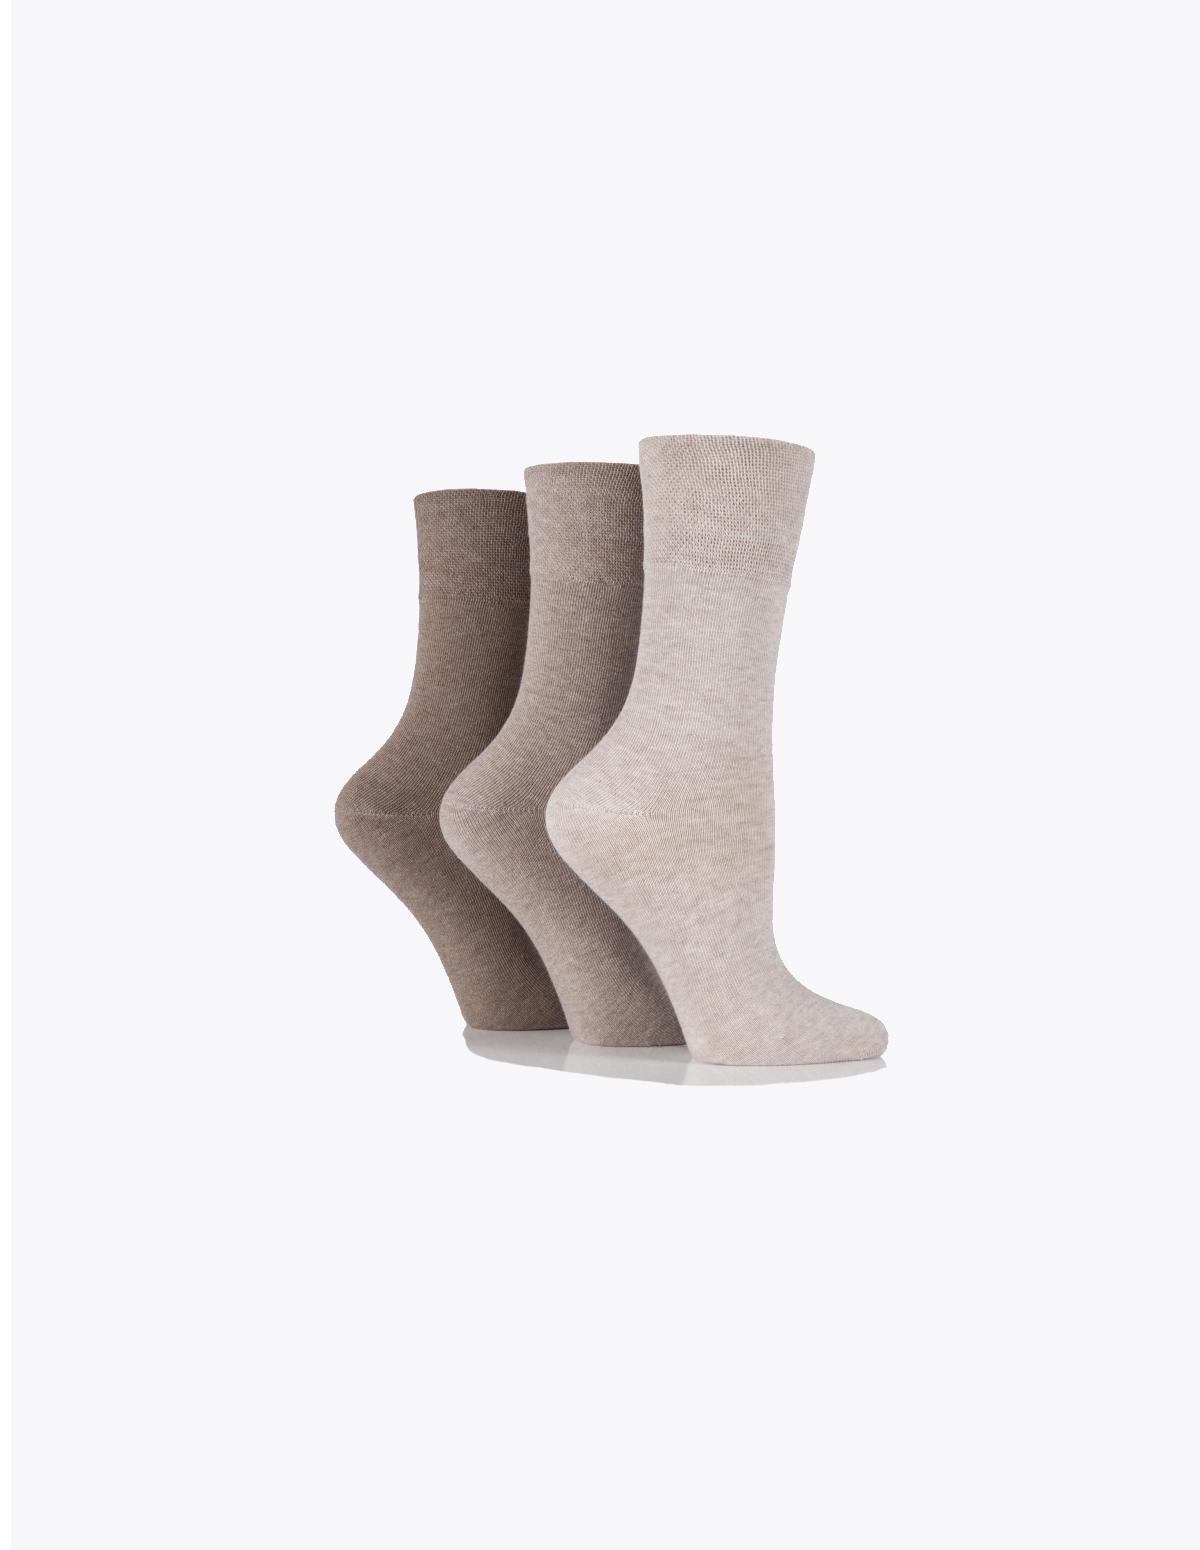 ca2af414b Ladies Skin Colour gentle grip socks (Non elastic   Diabetic friendly) -